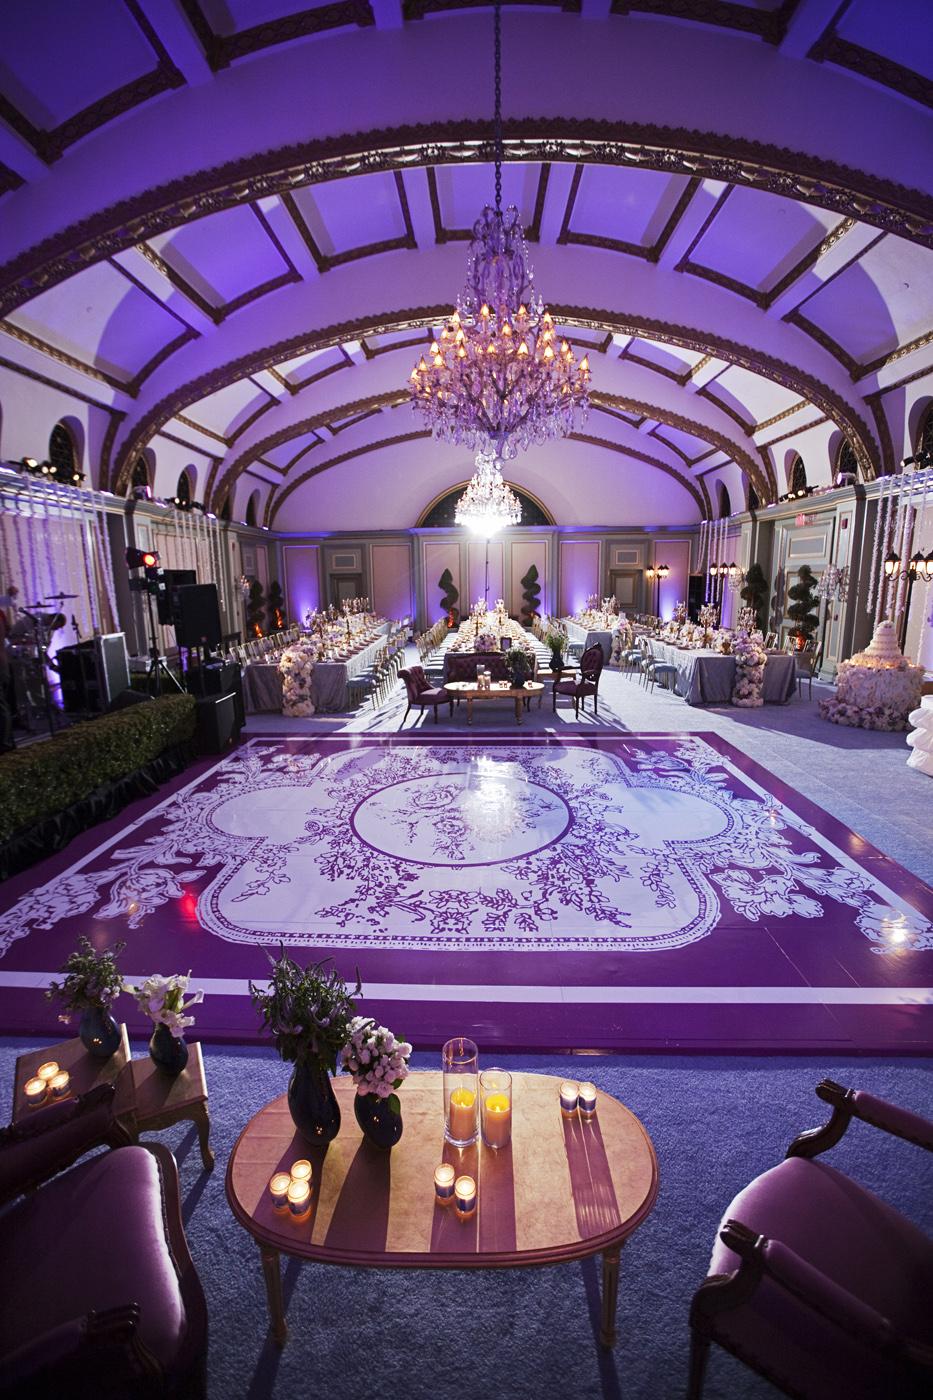 012_DukePhotography_DukeImages_Wedding_Details.jpg